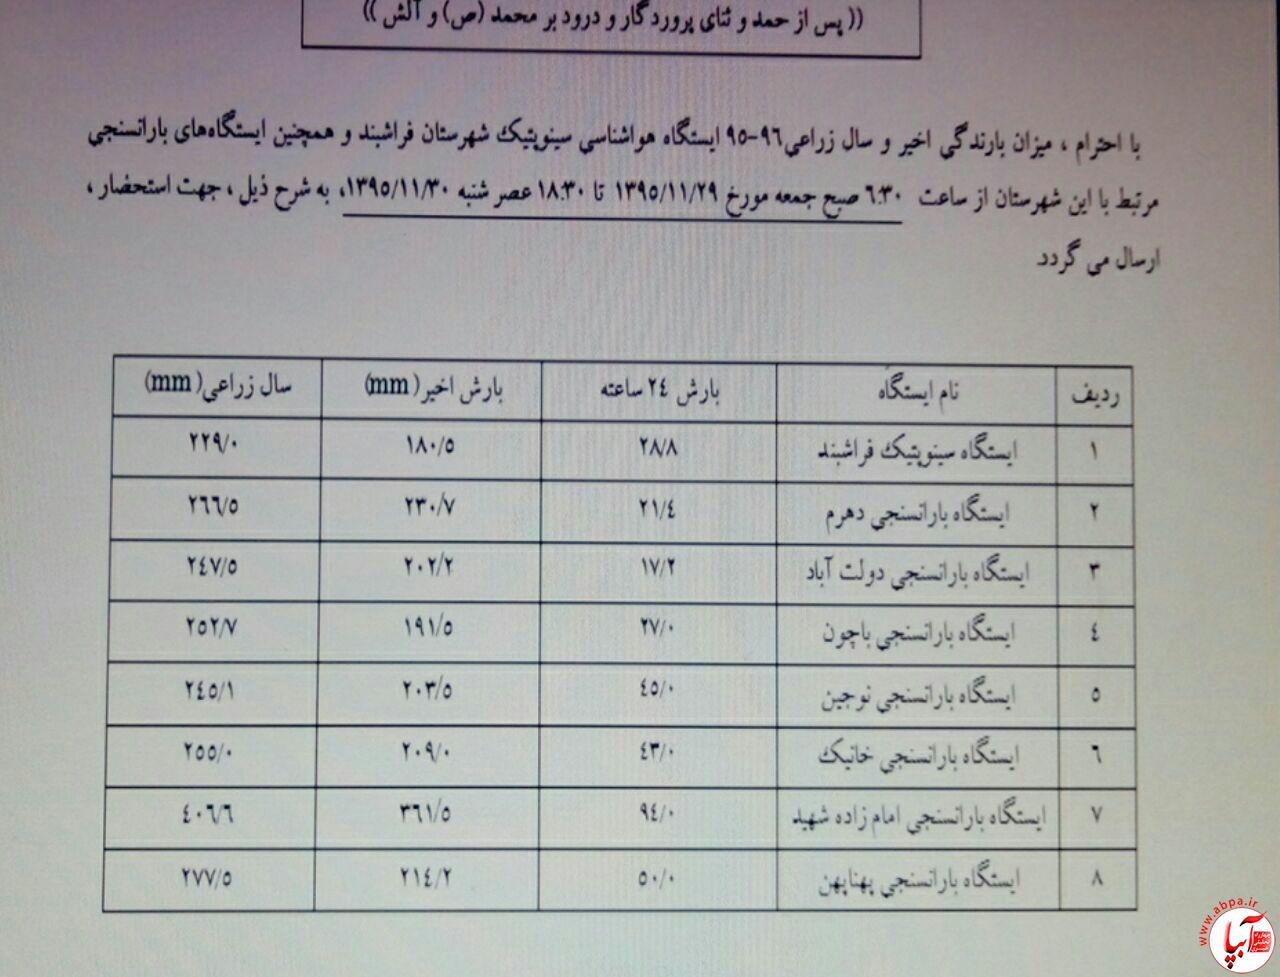 آبپا-11-1 آخرین اخبار از آمار بارش باران در شهرهای استان فارس/بروزرسانی می شود